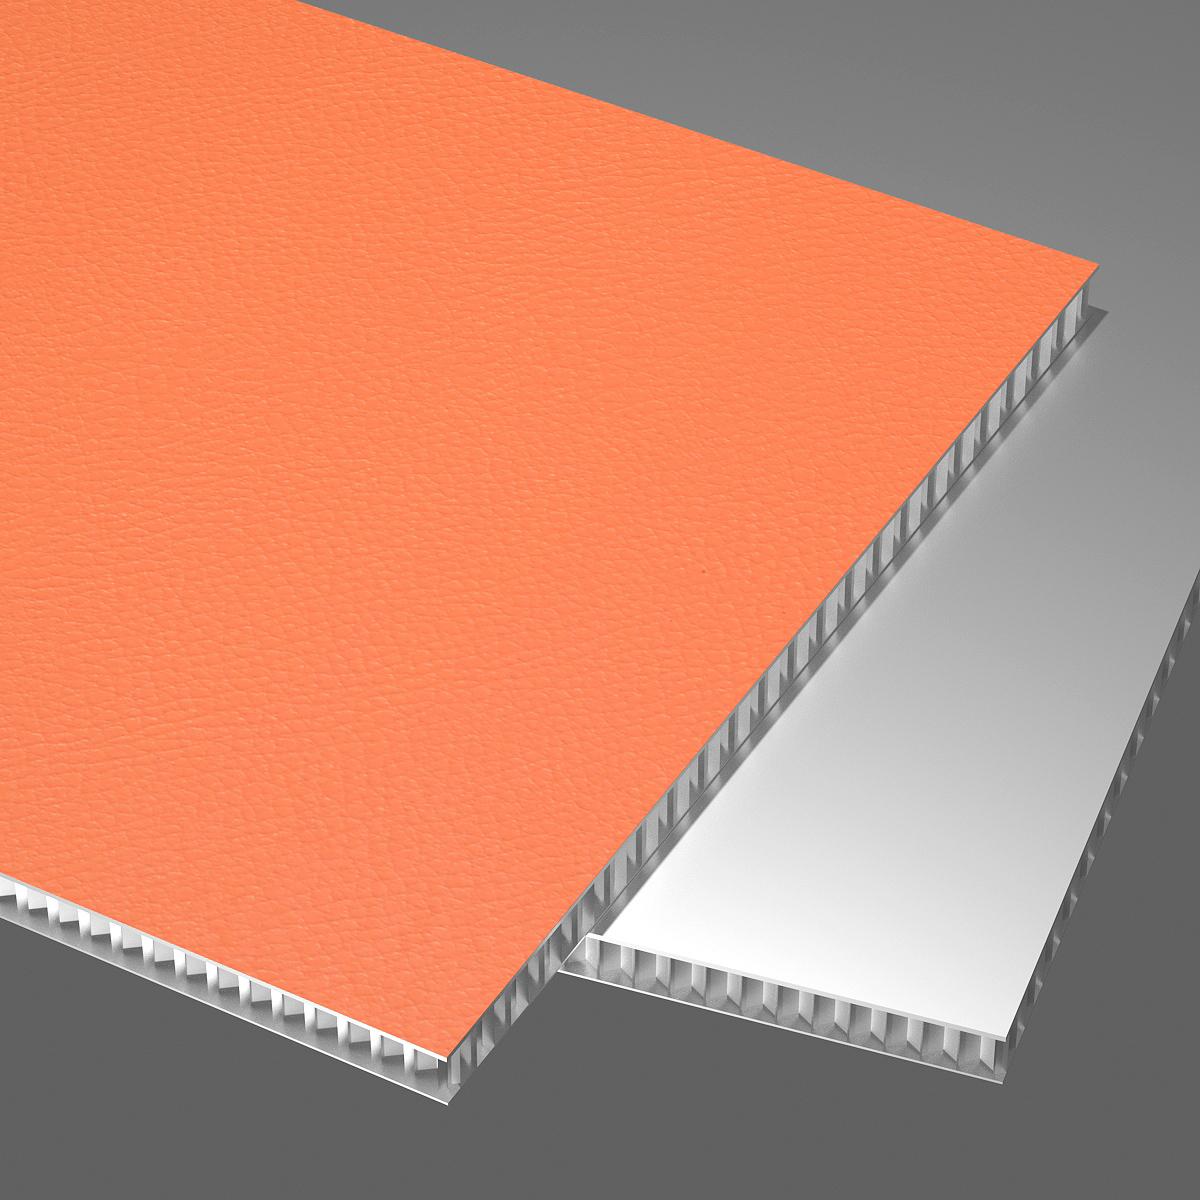 皮纹系列铝蜂窝板橙色荔枝纹抗油污耐擦洗防刮花手感好淡蓝色